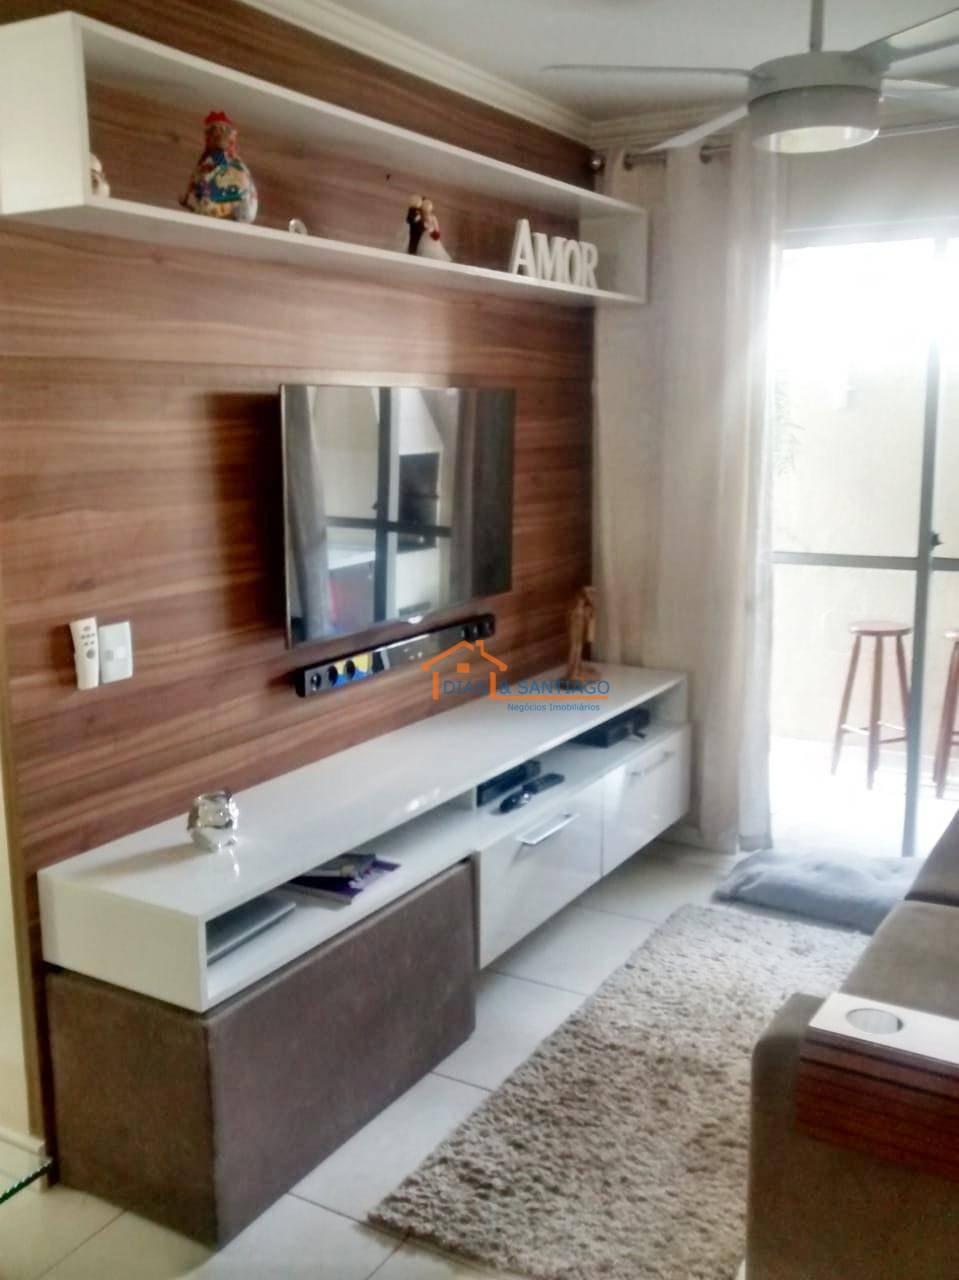 Apartamento Residencial à venda, Residencial Cosmos, Campinas - .